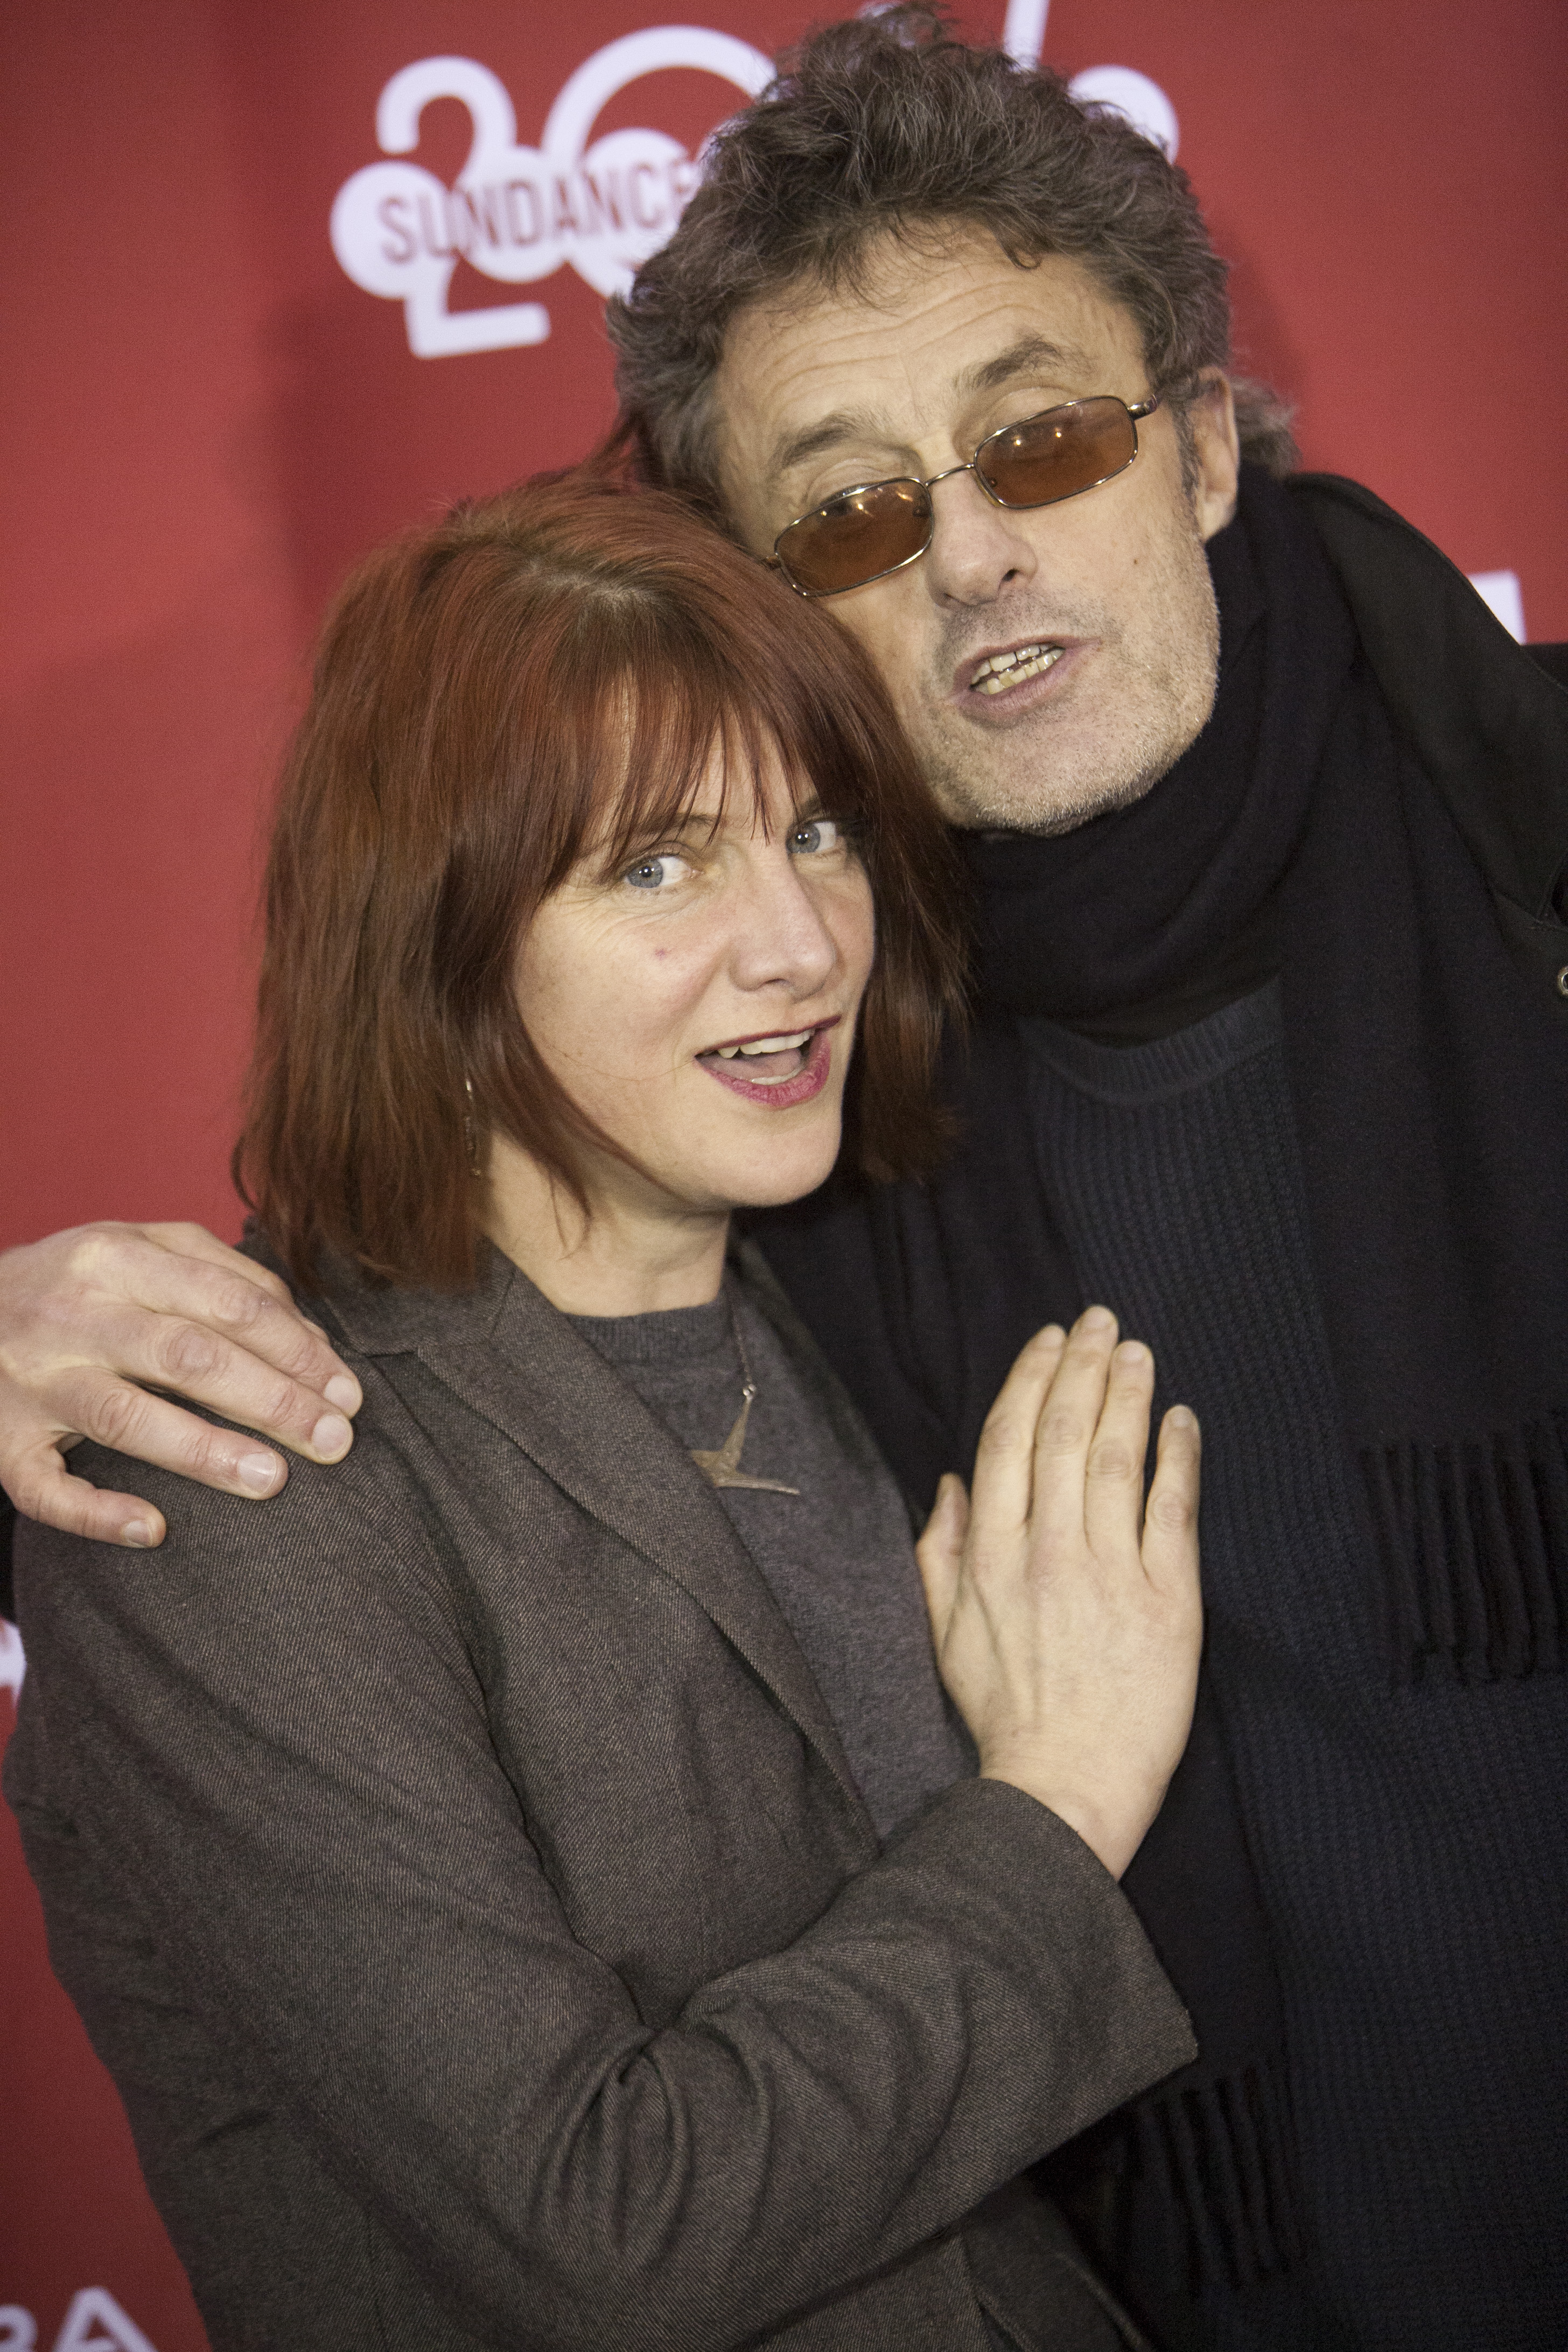 Screenwriters Pawel Pawlikowski and Rebecca Lenkiewicz at the Premiere of 'Ida' at Sundance